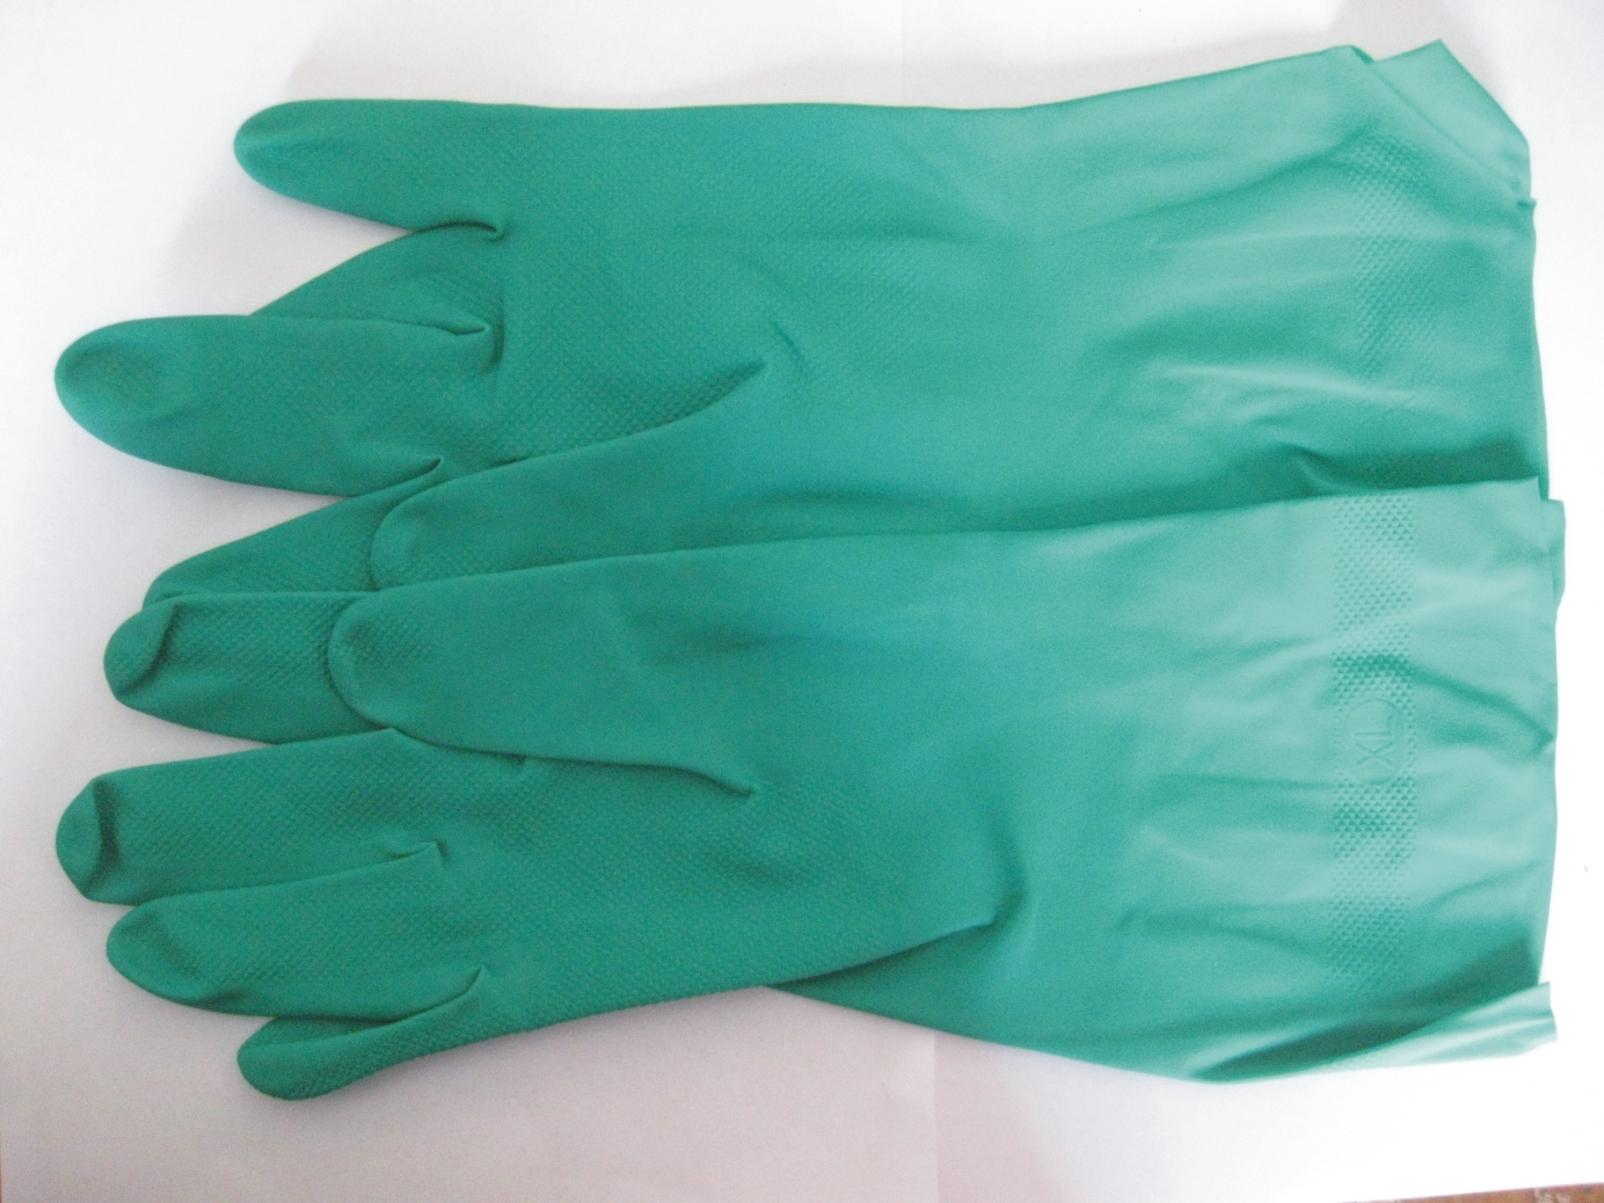 Găng tay chịu hóa chất ngắn Malaysia